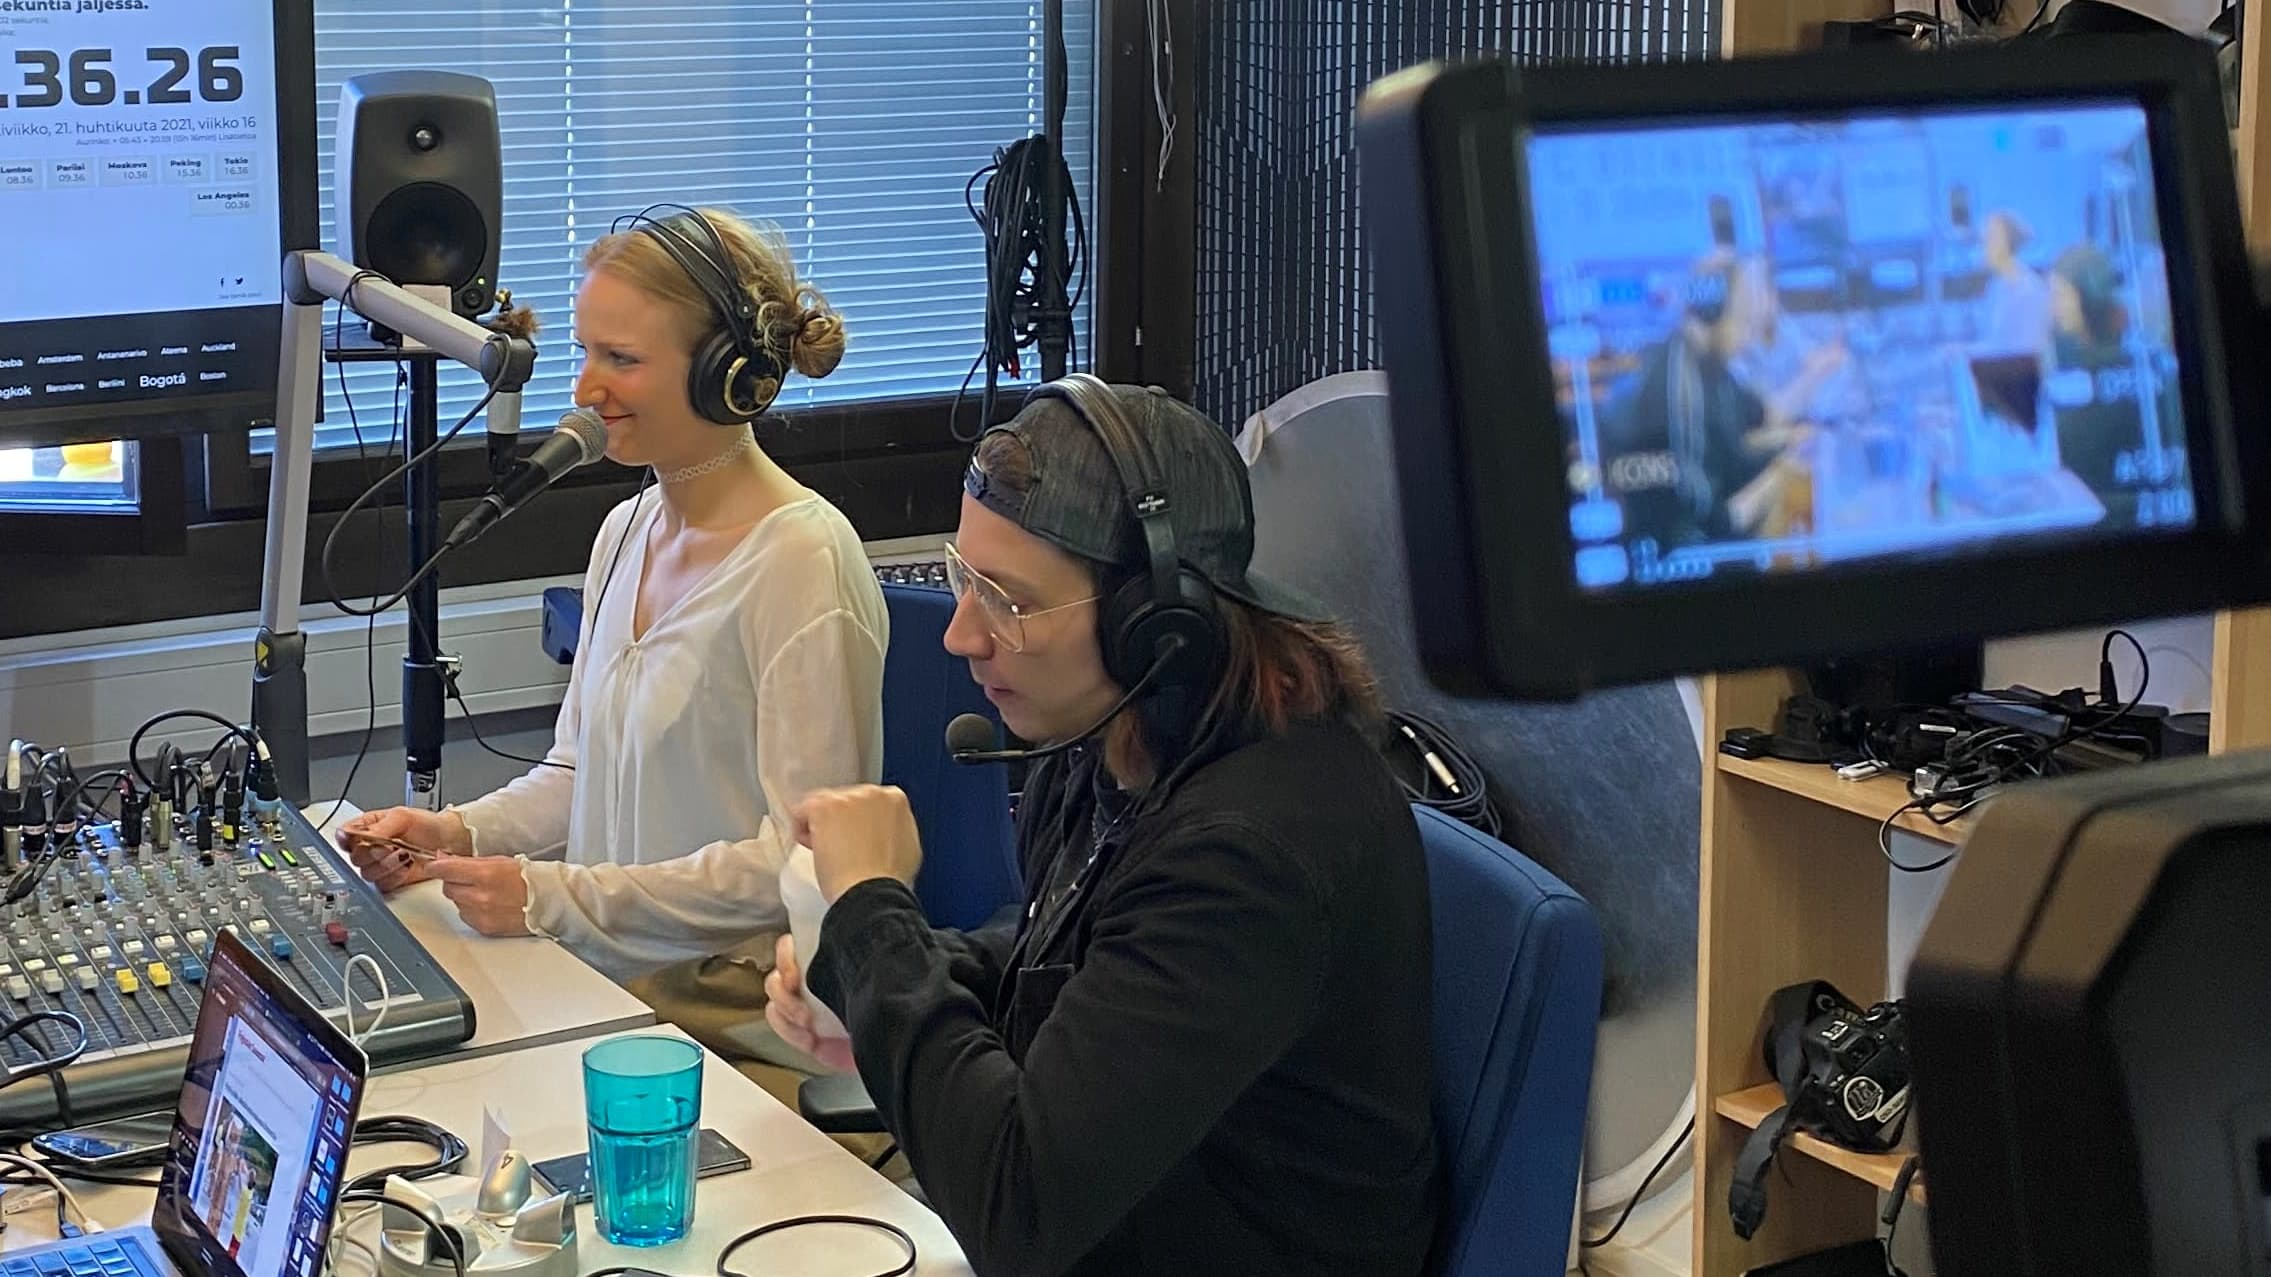 Heriikka Korvenoja ja Jere Virolainen ovat Radio Jauhon studiossa